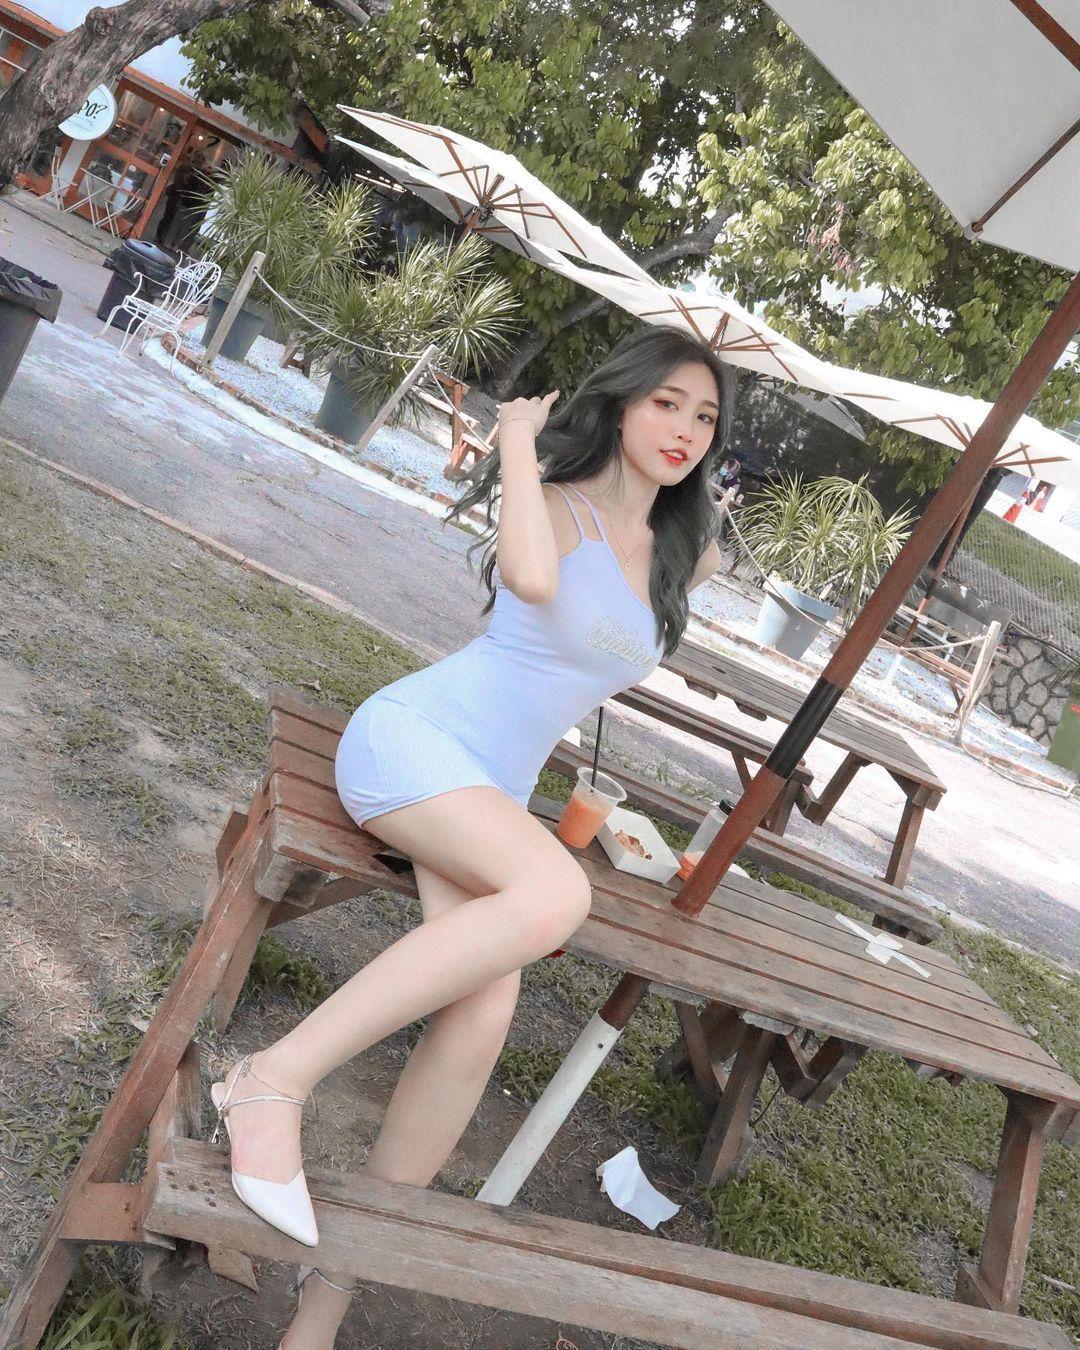 [正妹]清凉一下马来西亚网红[Fedora粉朵拉]轻薄衣物露出白皙肌肤 养眼图片 第14张